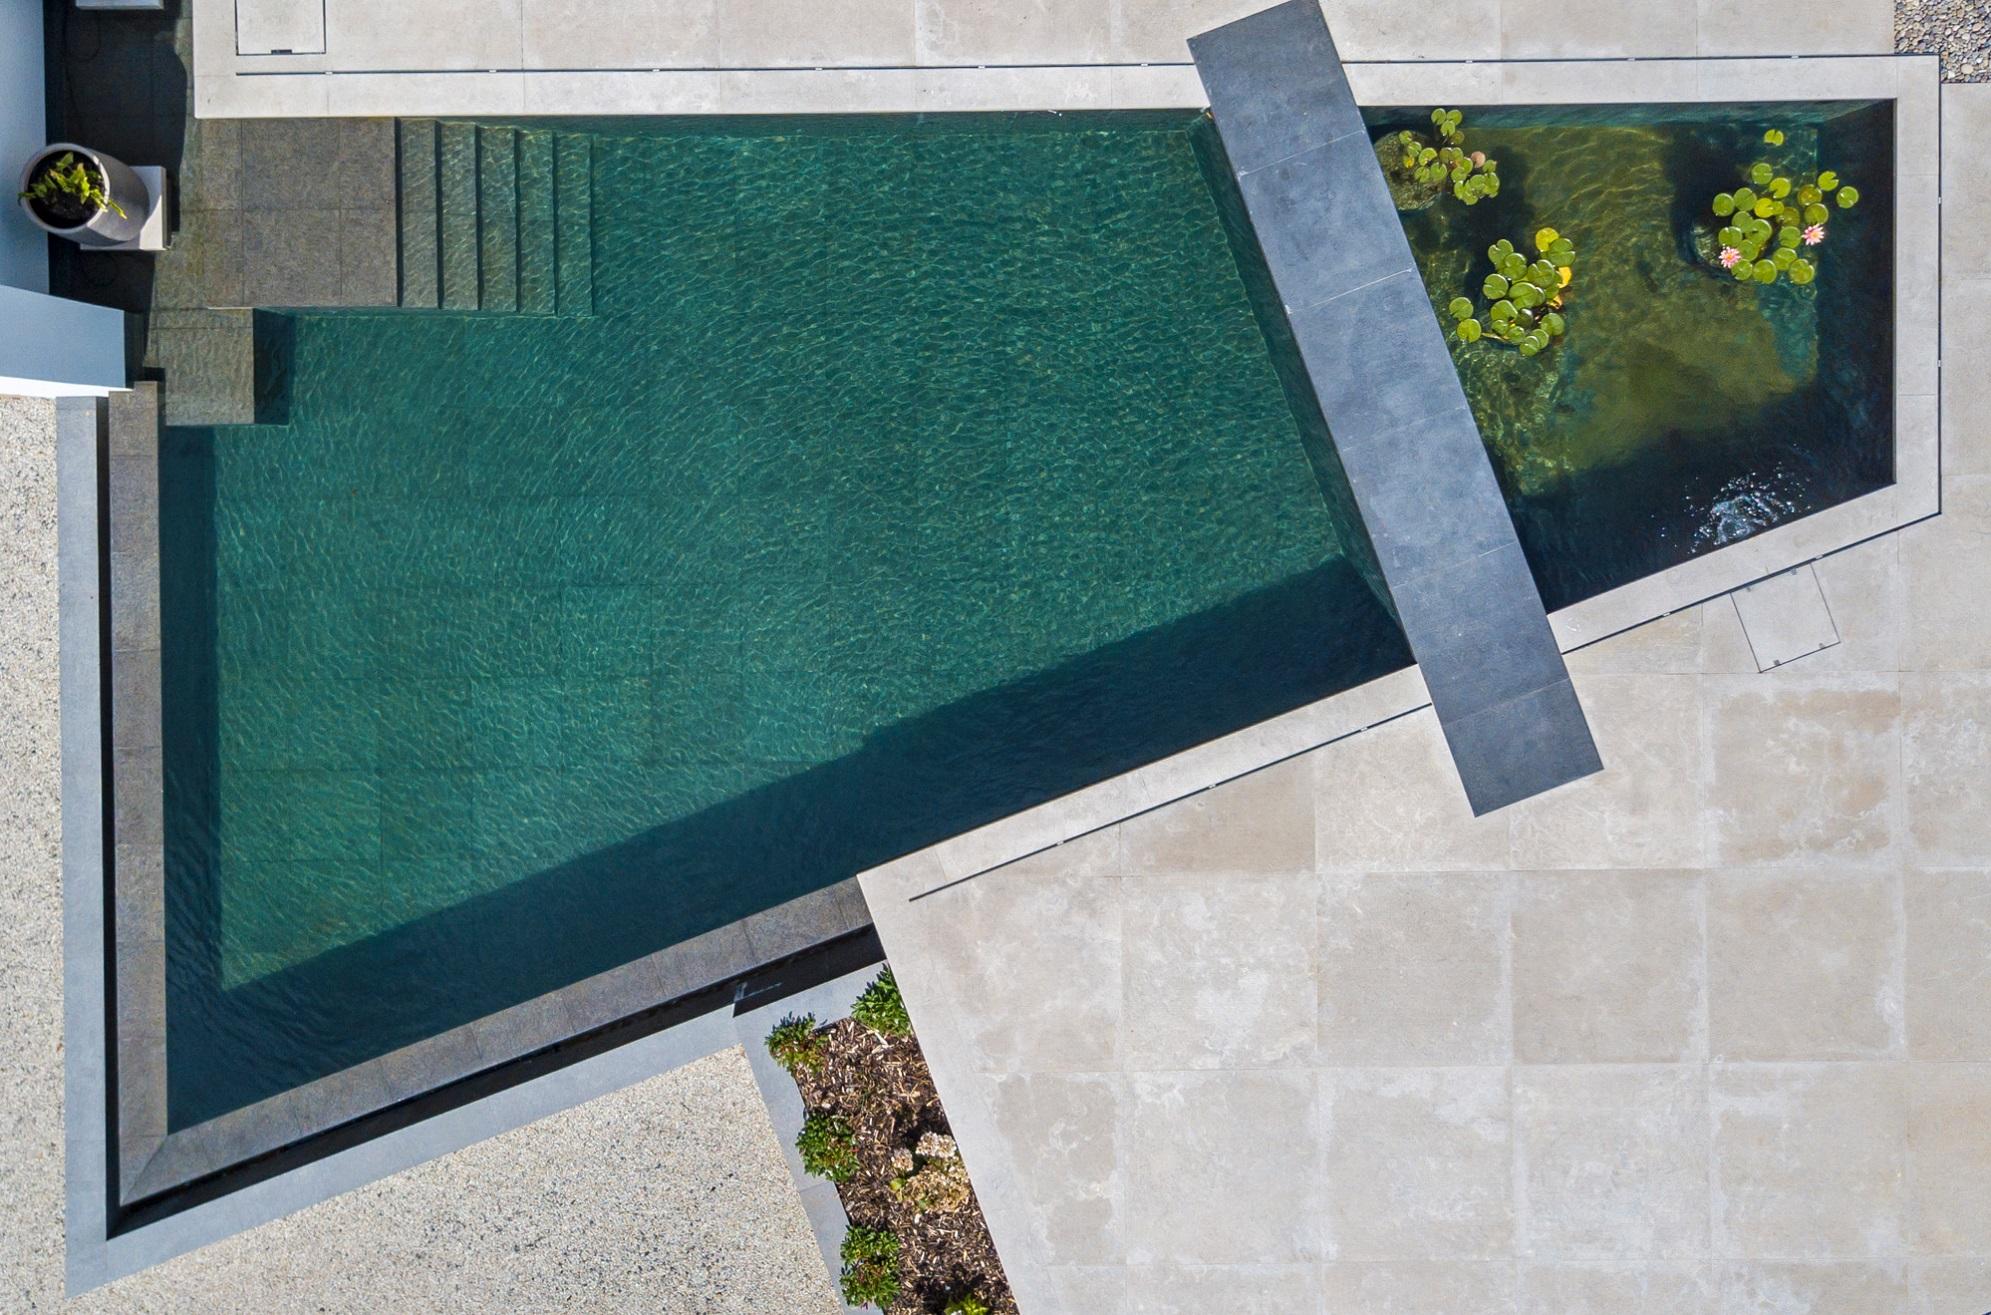 Living Pool Gestaltung & Ausstattung